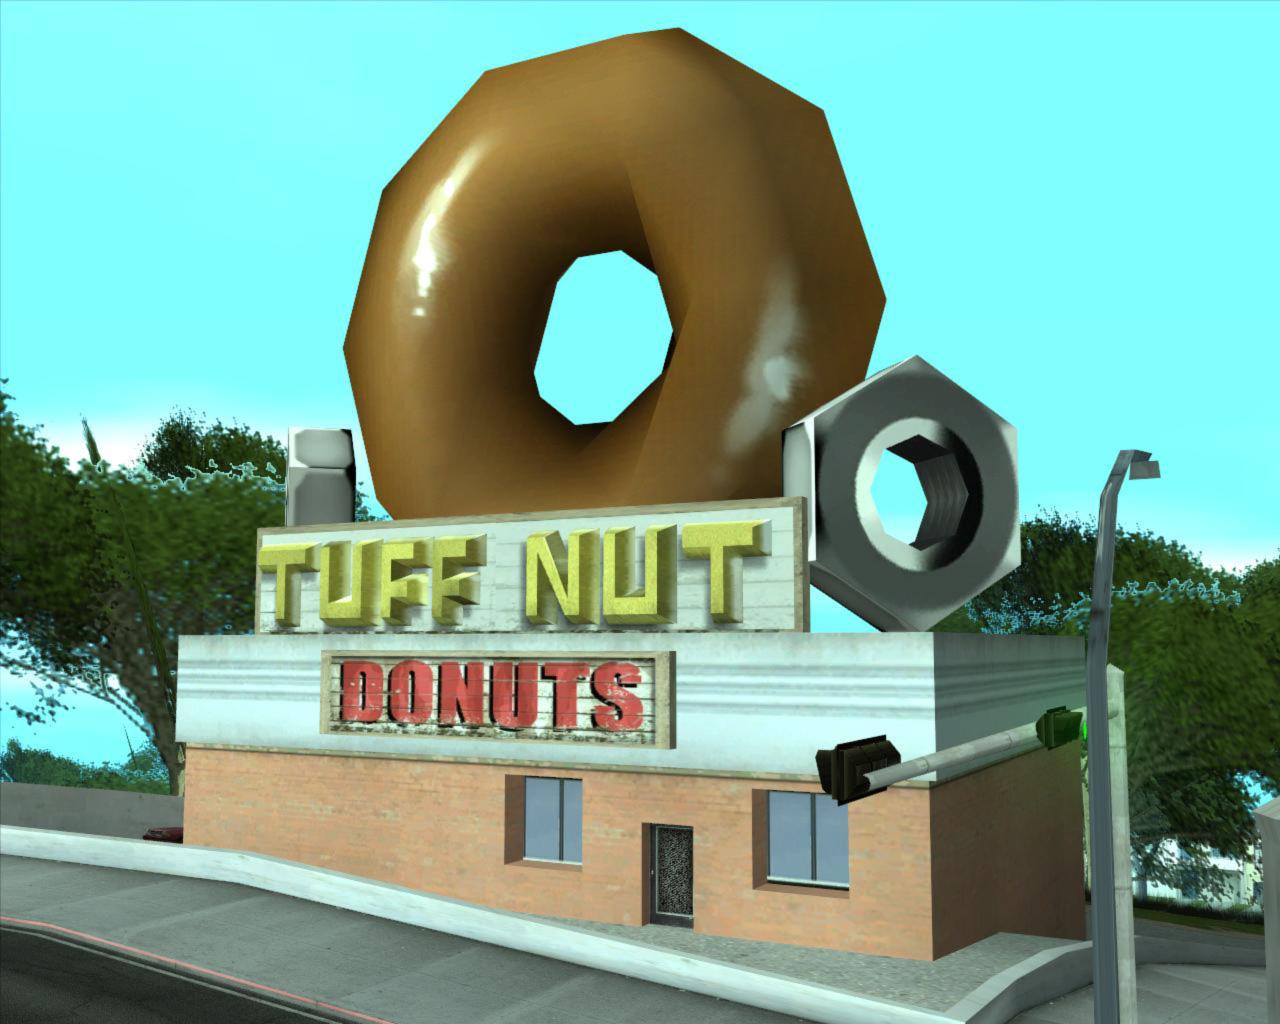 Tuff Nut Donuts